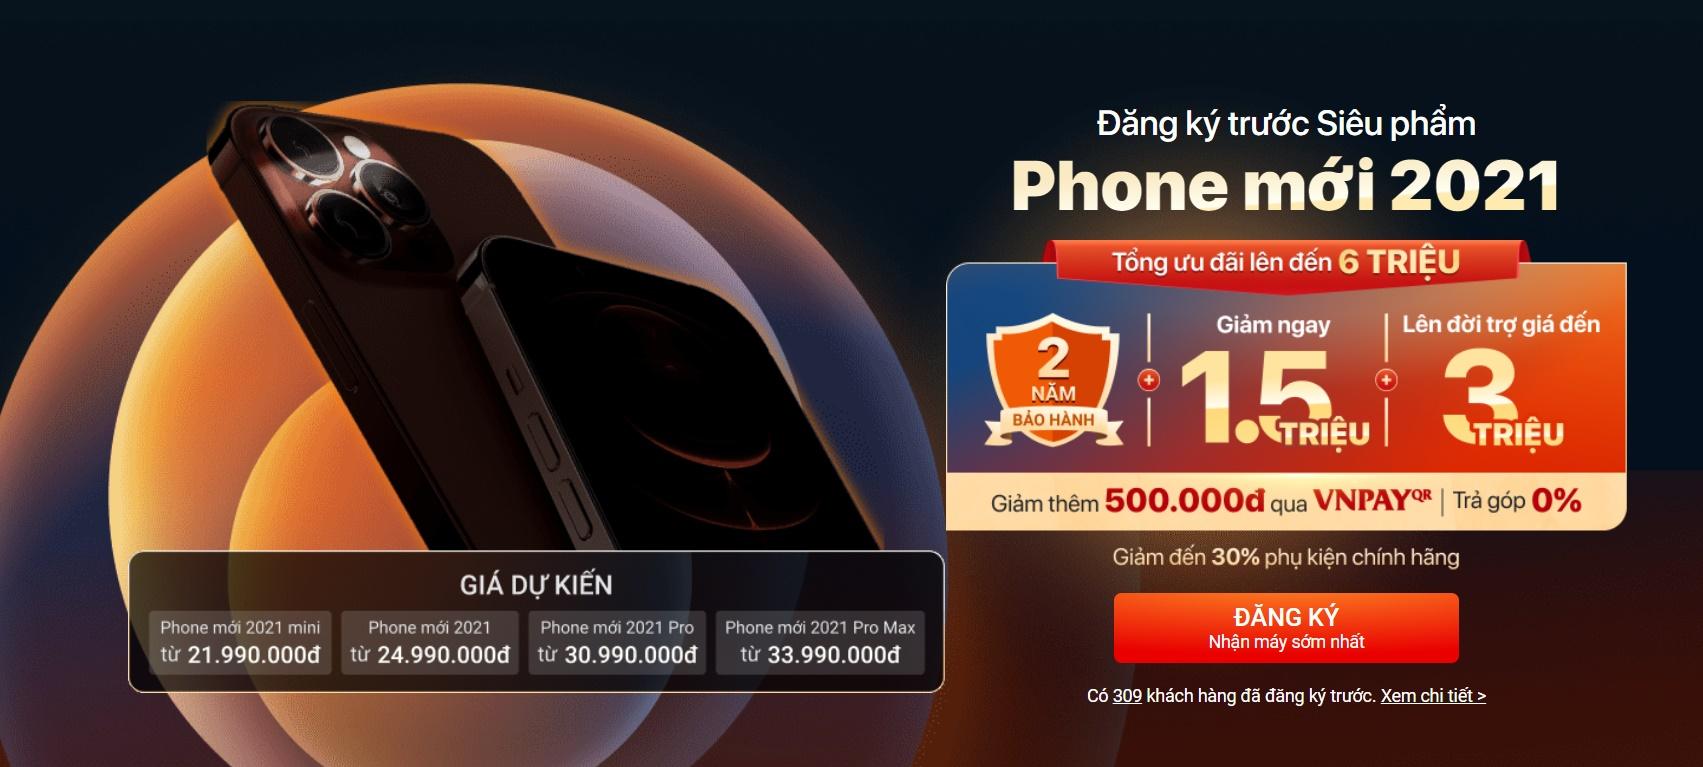 iPhone 13 chưa ra mắt, khách Việt Nam đã săn mua, có cửa hàng chào khách đặt cọc tiền - Ảnh 4.